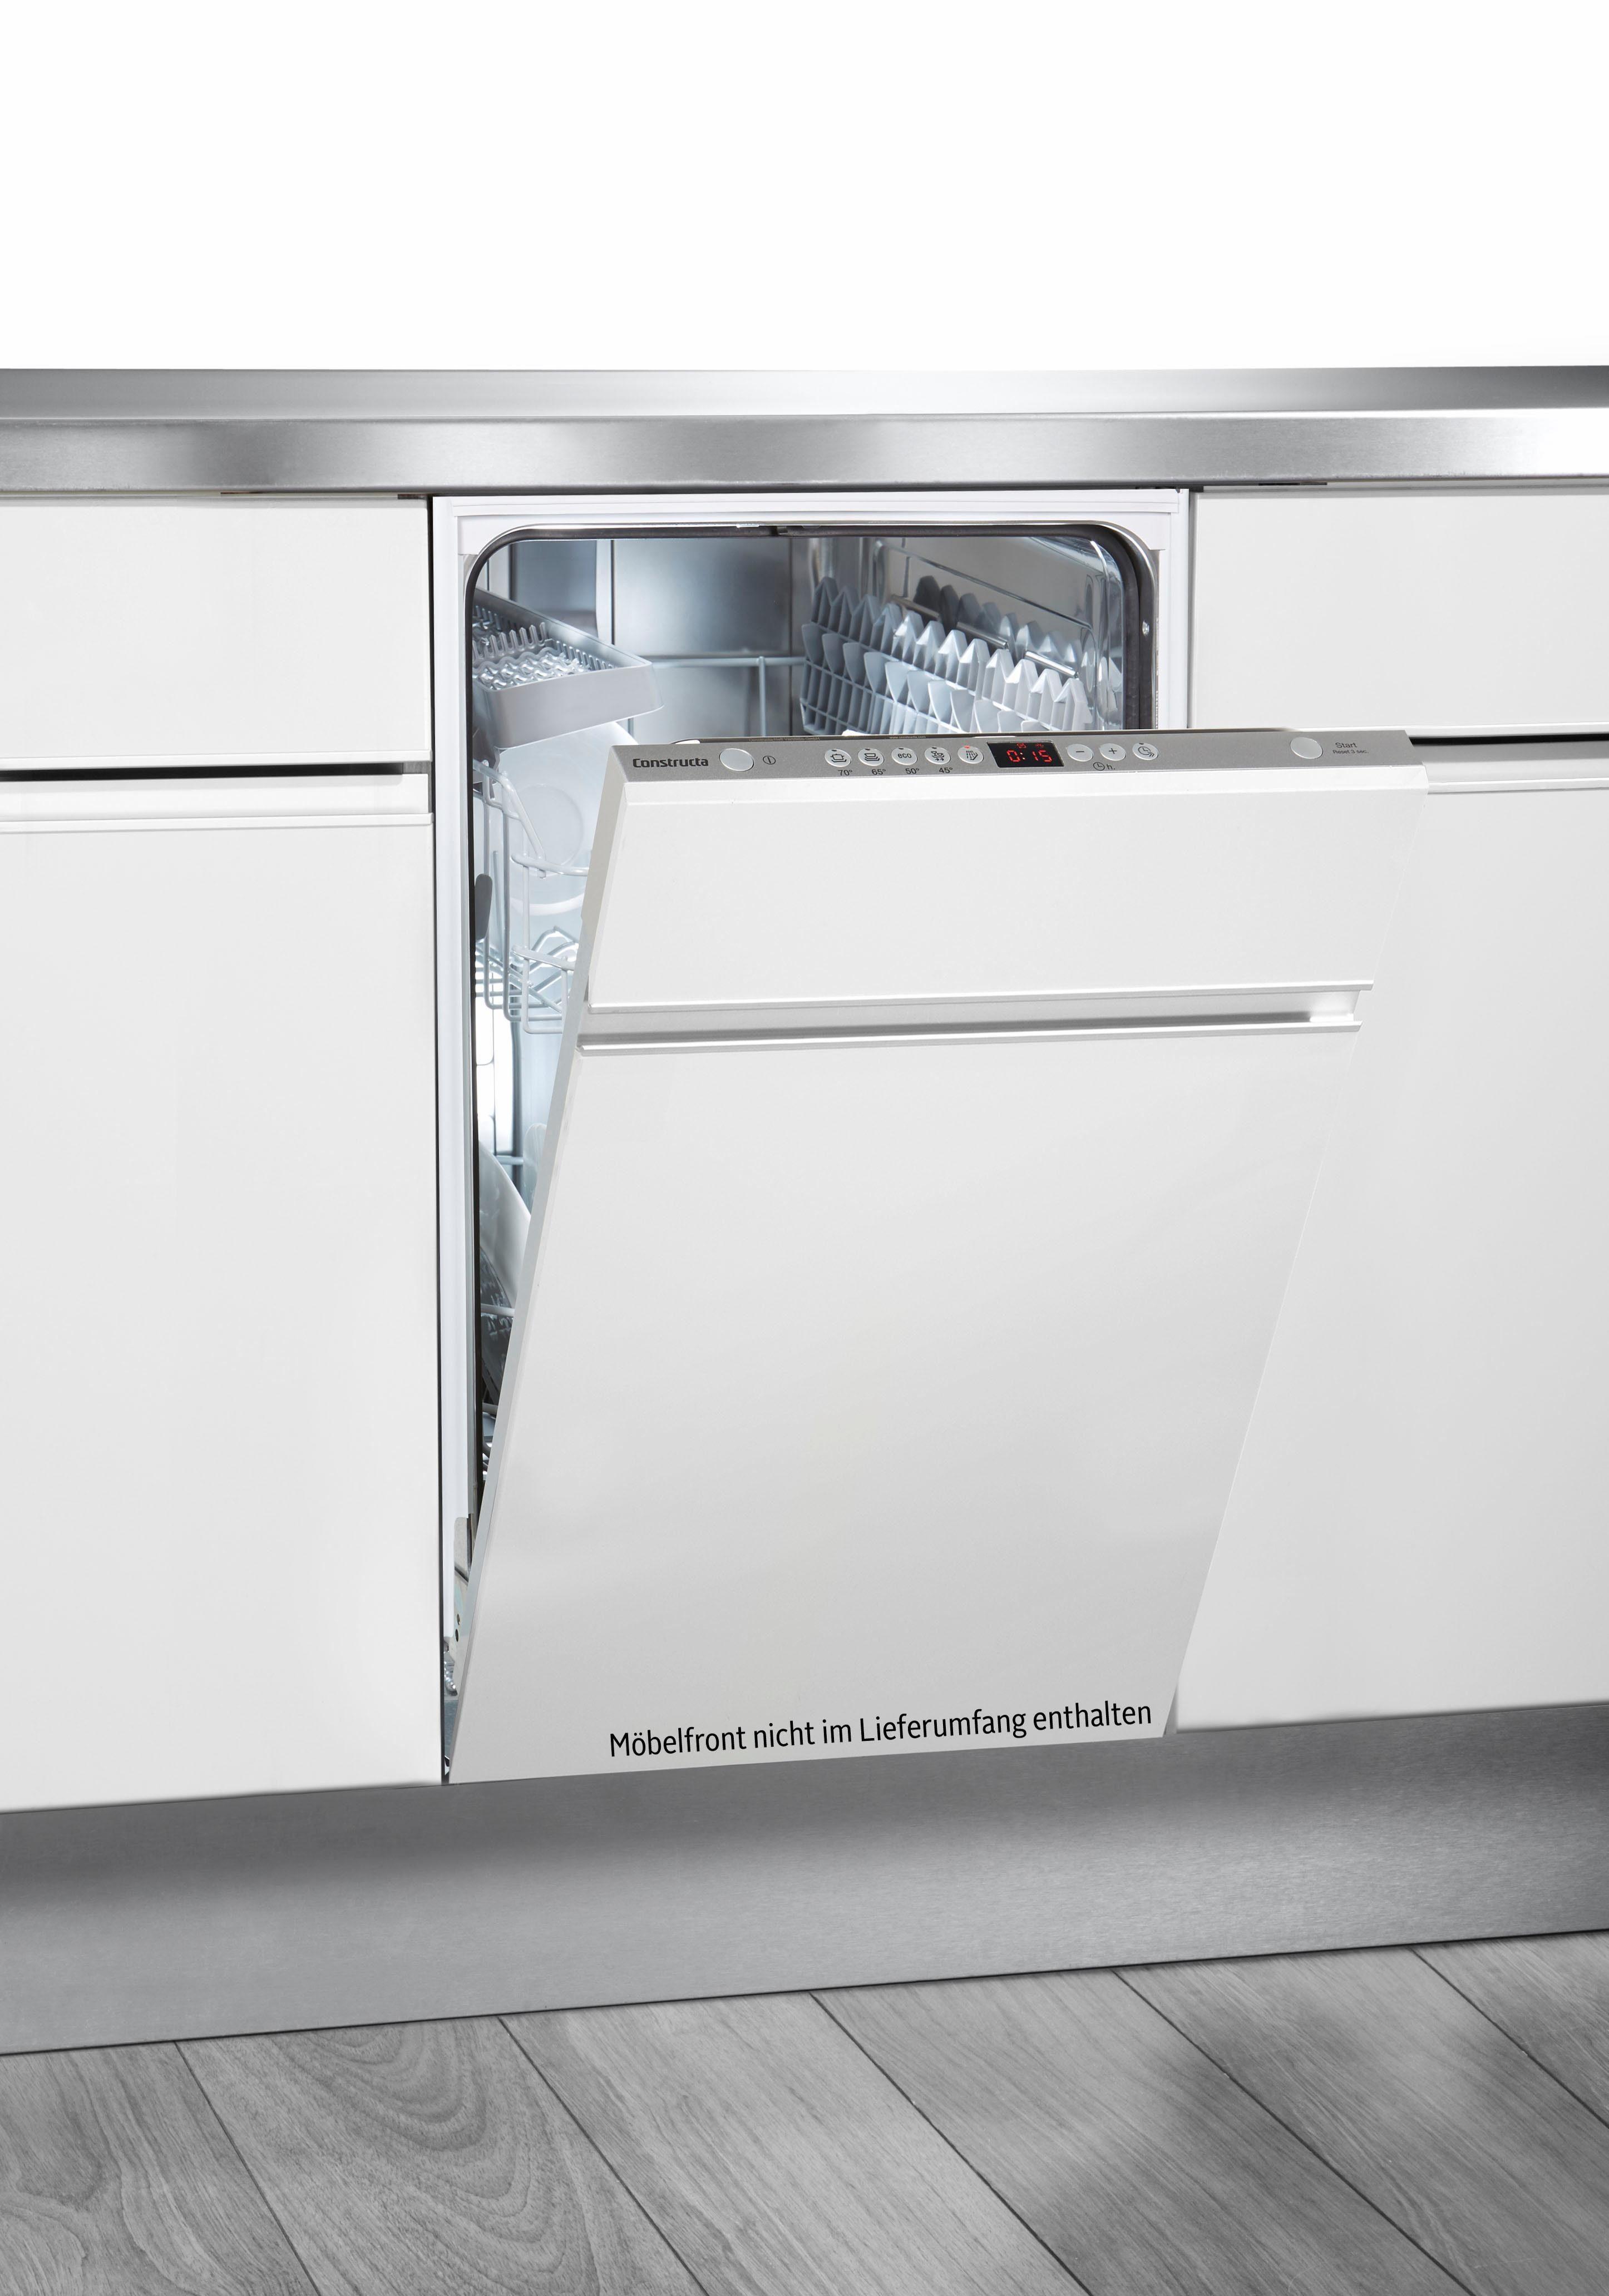 Constructa vollintegrierbarer Geschirrspüler, CP5A50V8, 9,5 l, 9 Maßgedecke, Energieeffizienzklasse A+